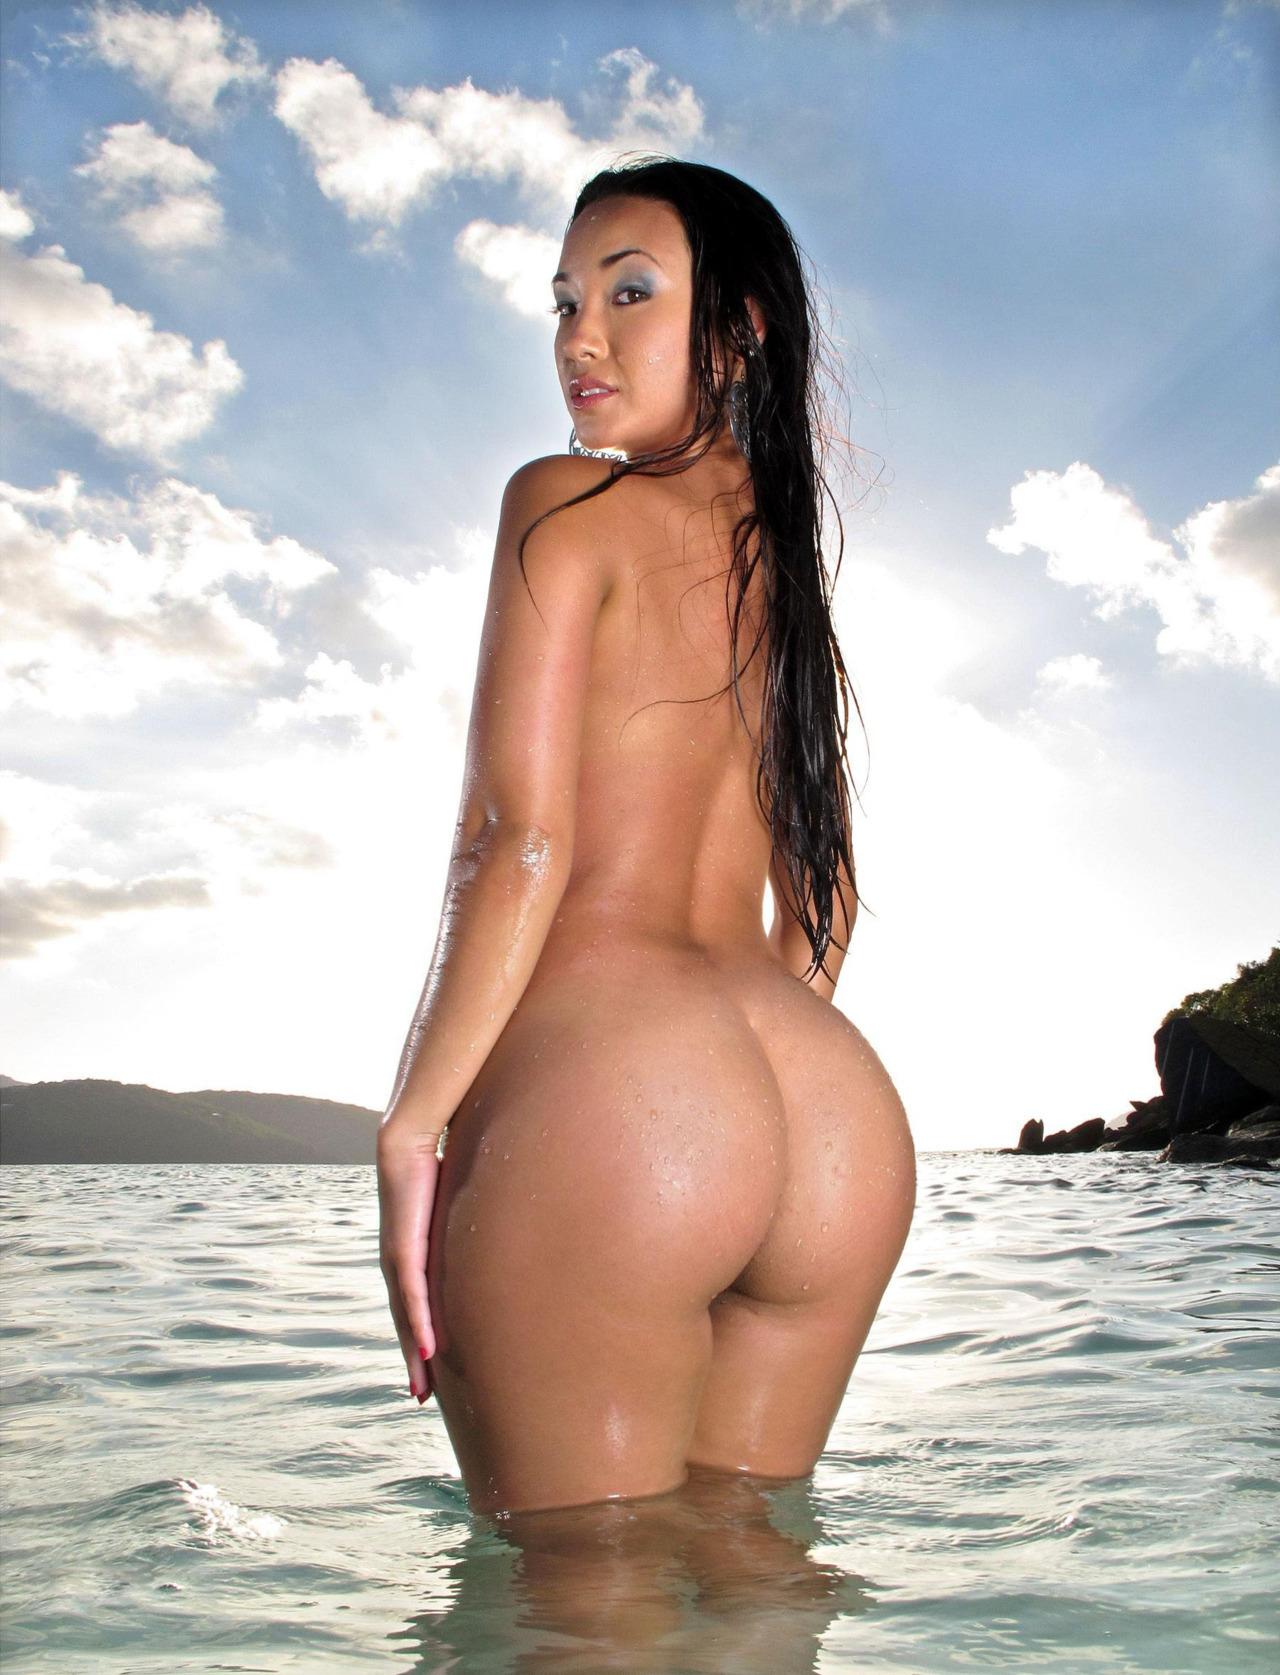 Сексуальная японка залезла в море, чтобы показать большую жопу